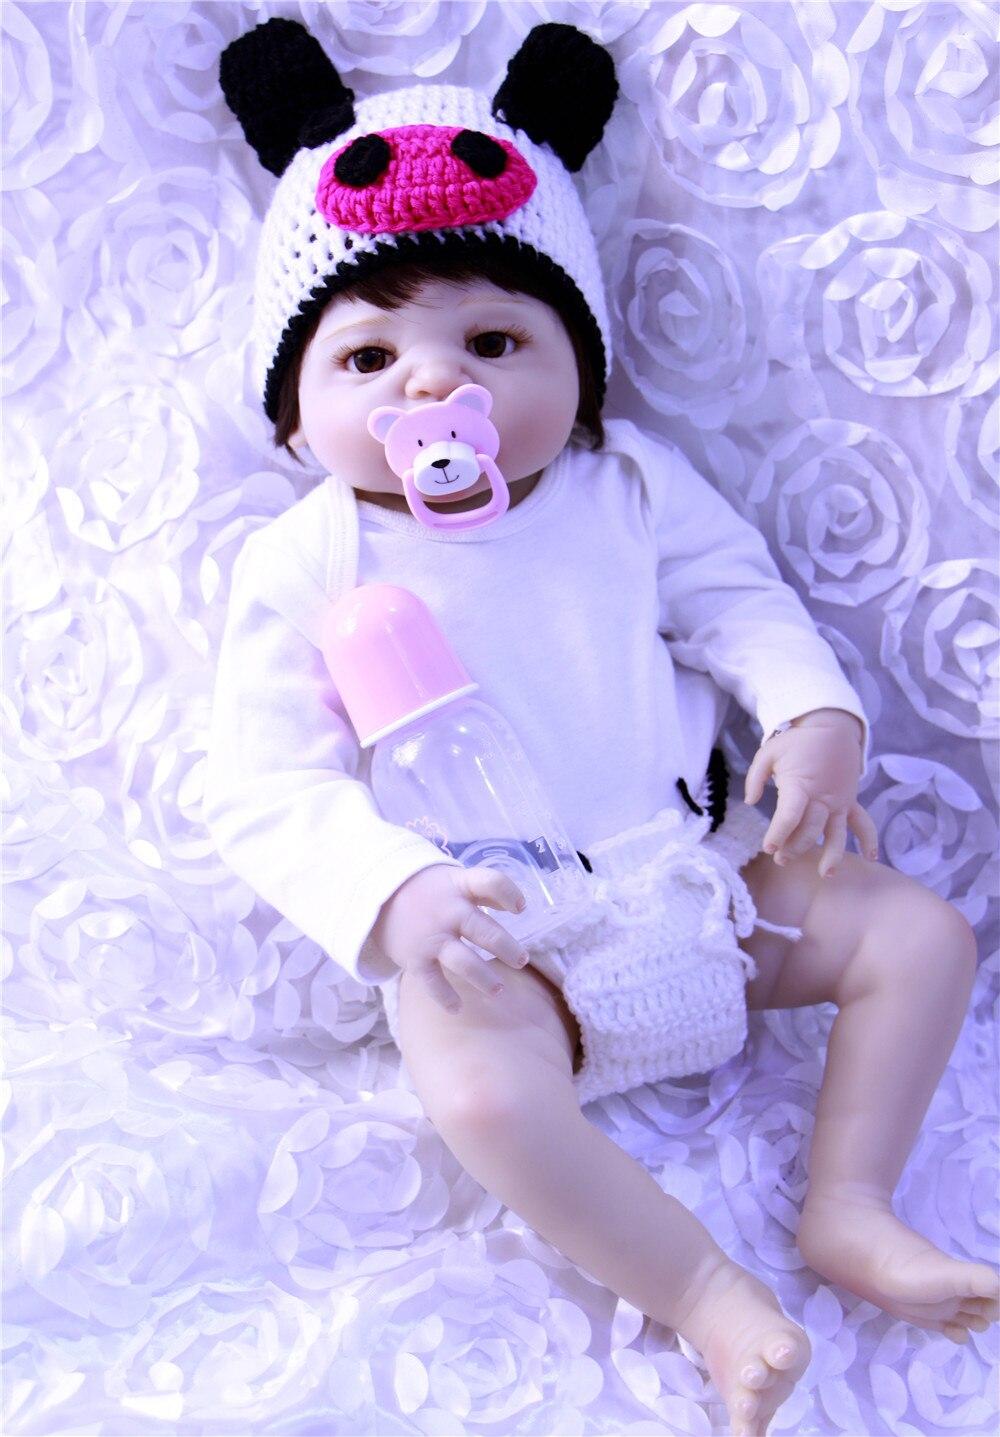 23 pouces corps en Silicone Bebes Reborn fille poupée réel vivant princesse bébé jouet dans un beau Dressing cadeau mignon enfants jouer jouets